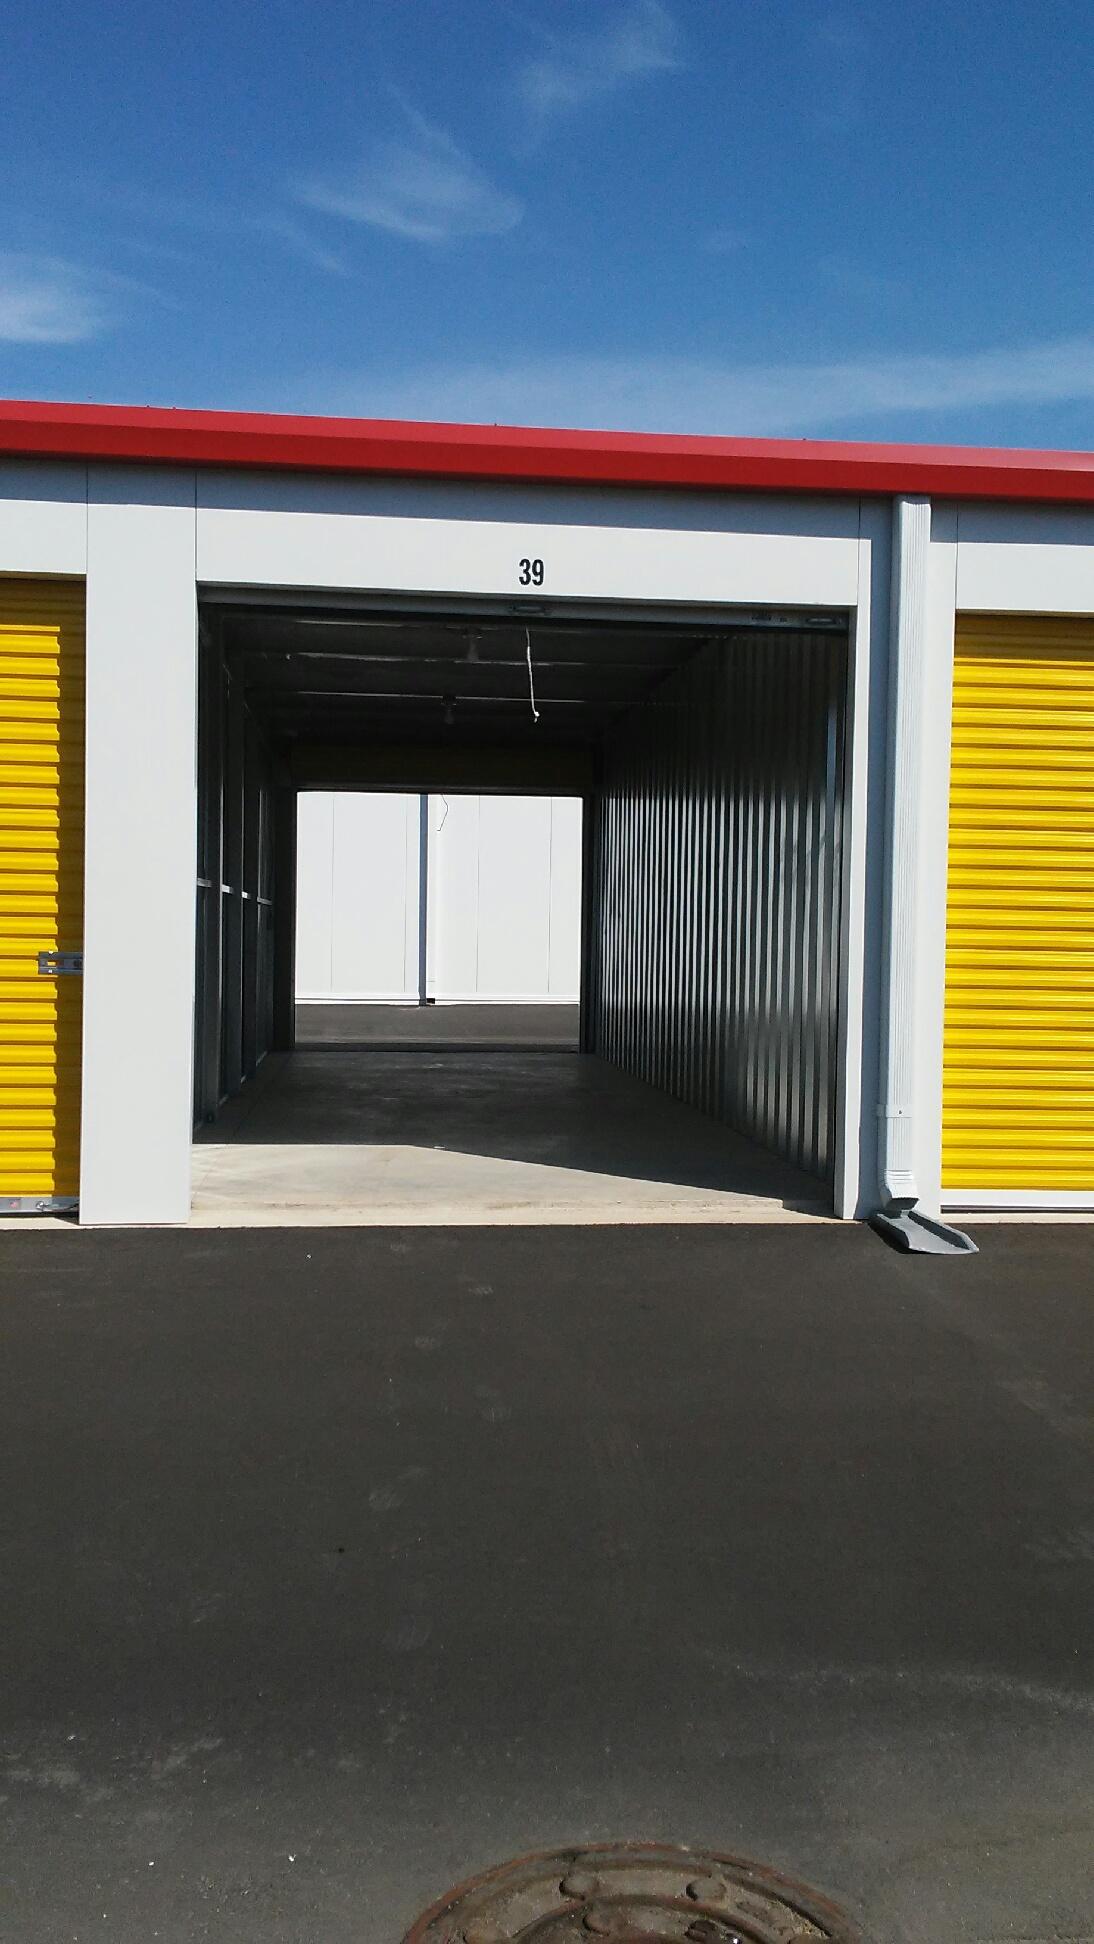 Leland, NC Storage Options